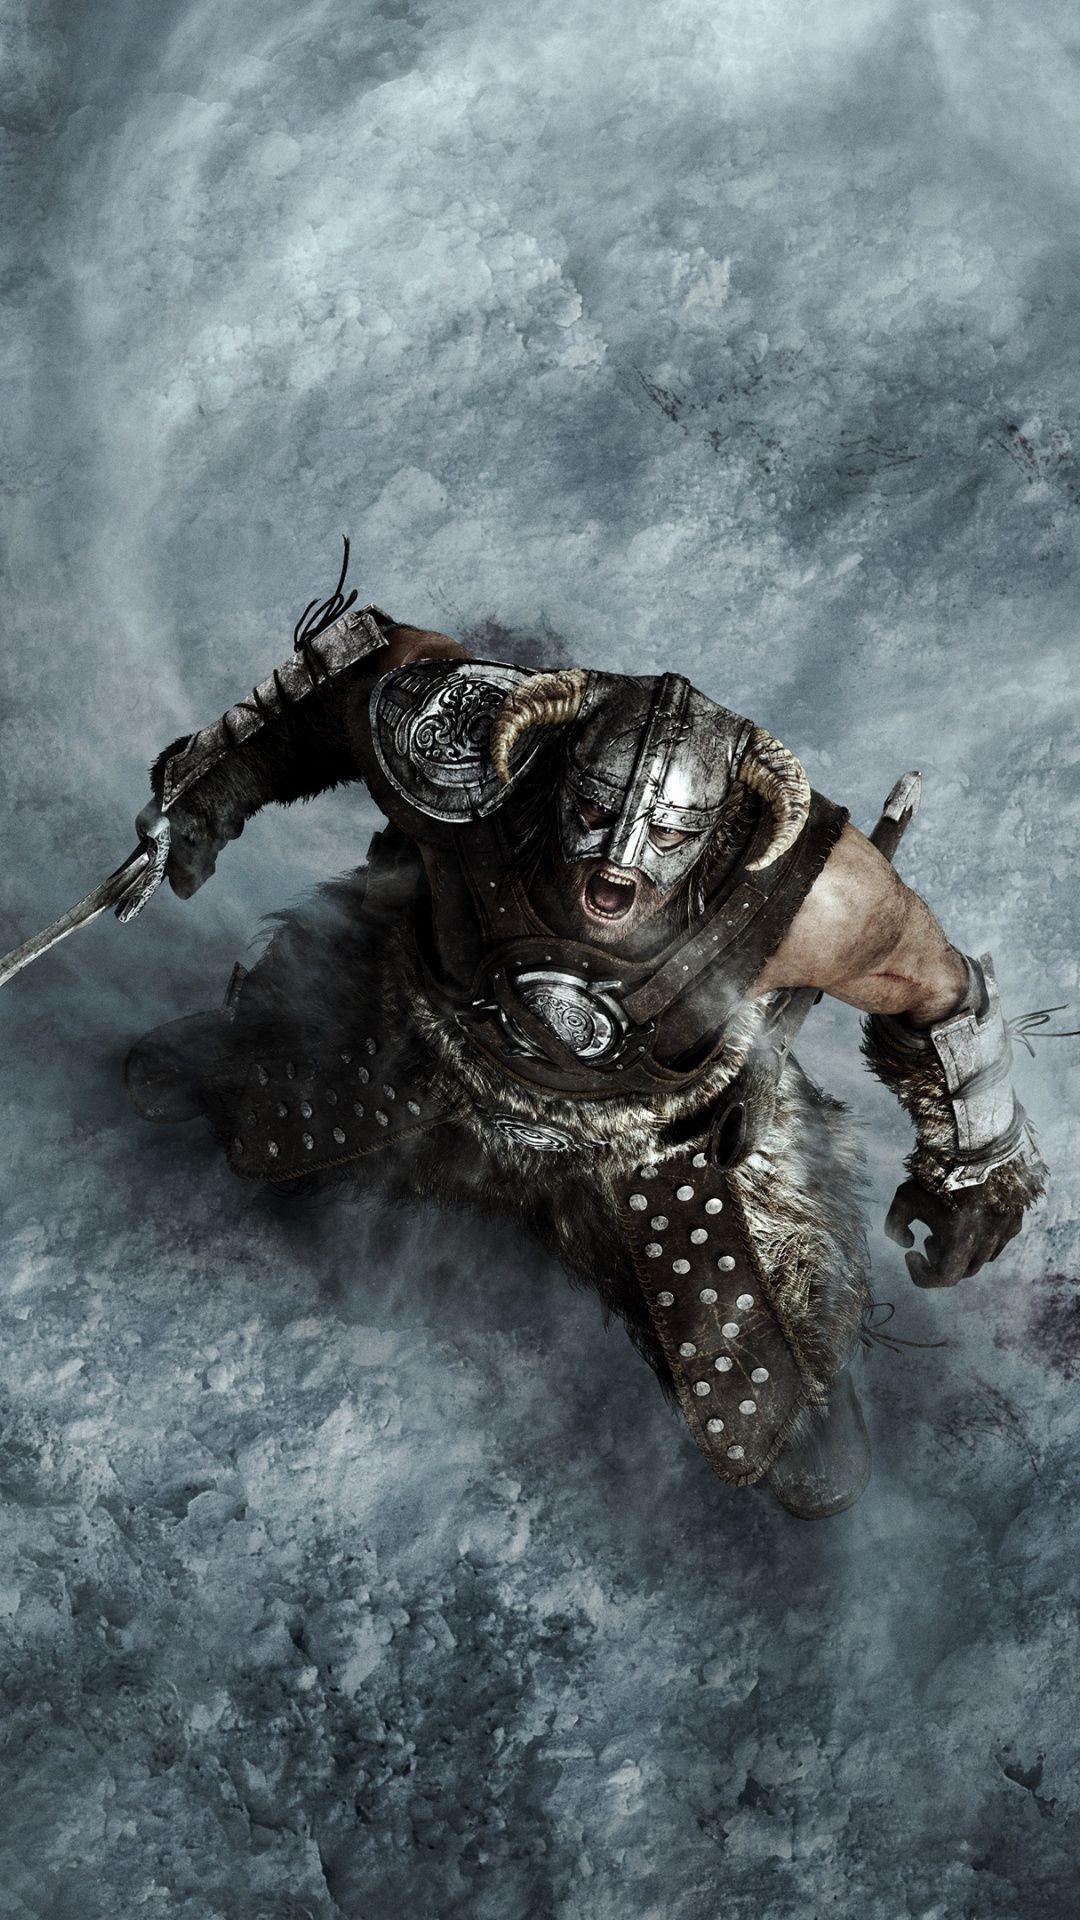 Skyrim Wallpaper Mobile em 2020 Witcher